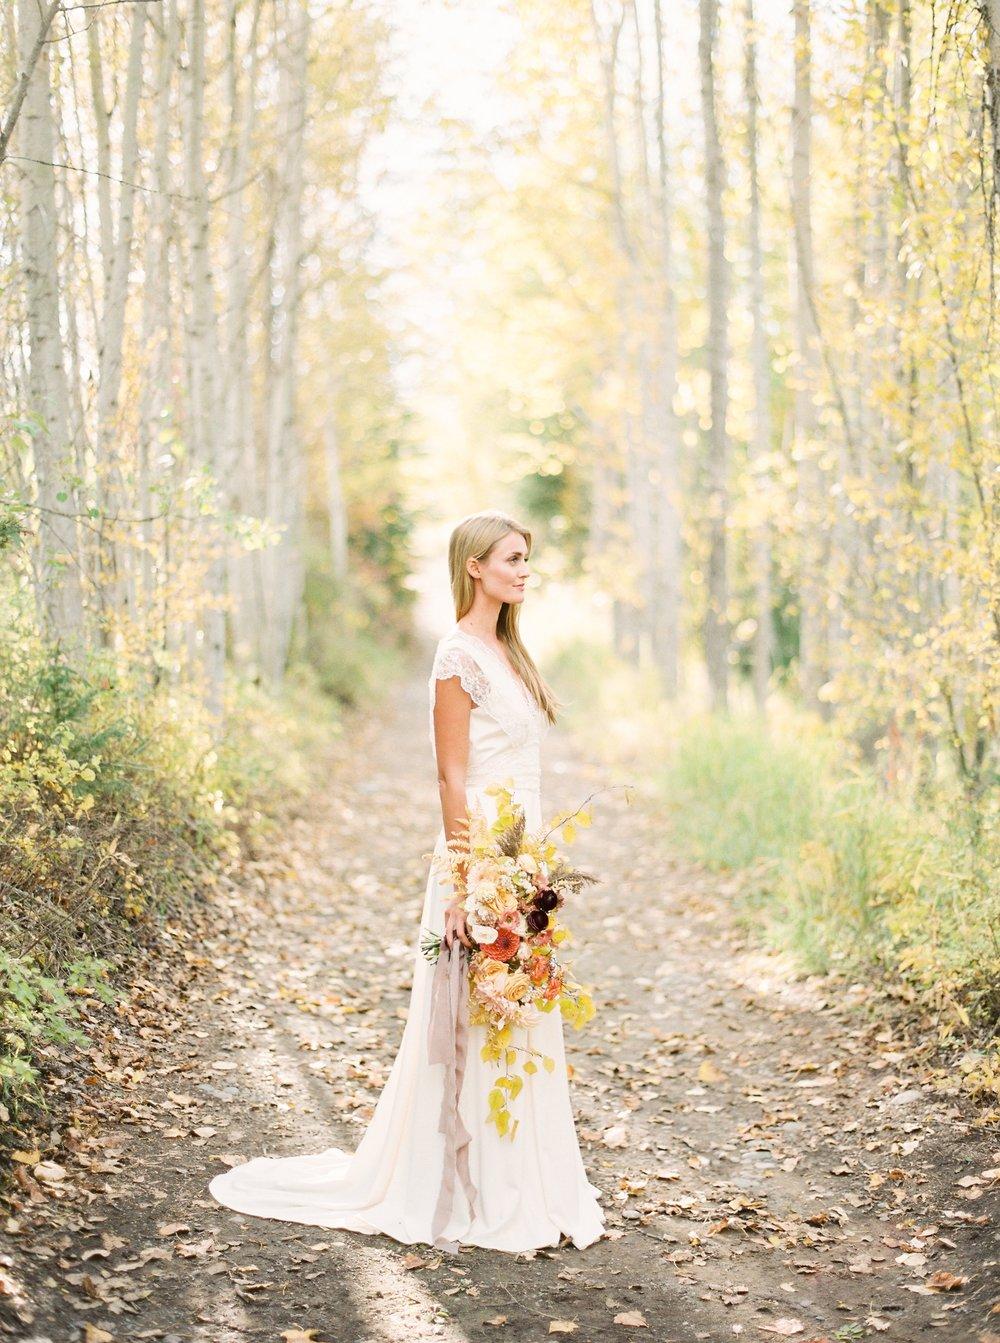 RebeccaHollis-bouquets_156.jpg